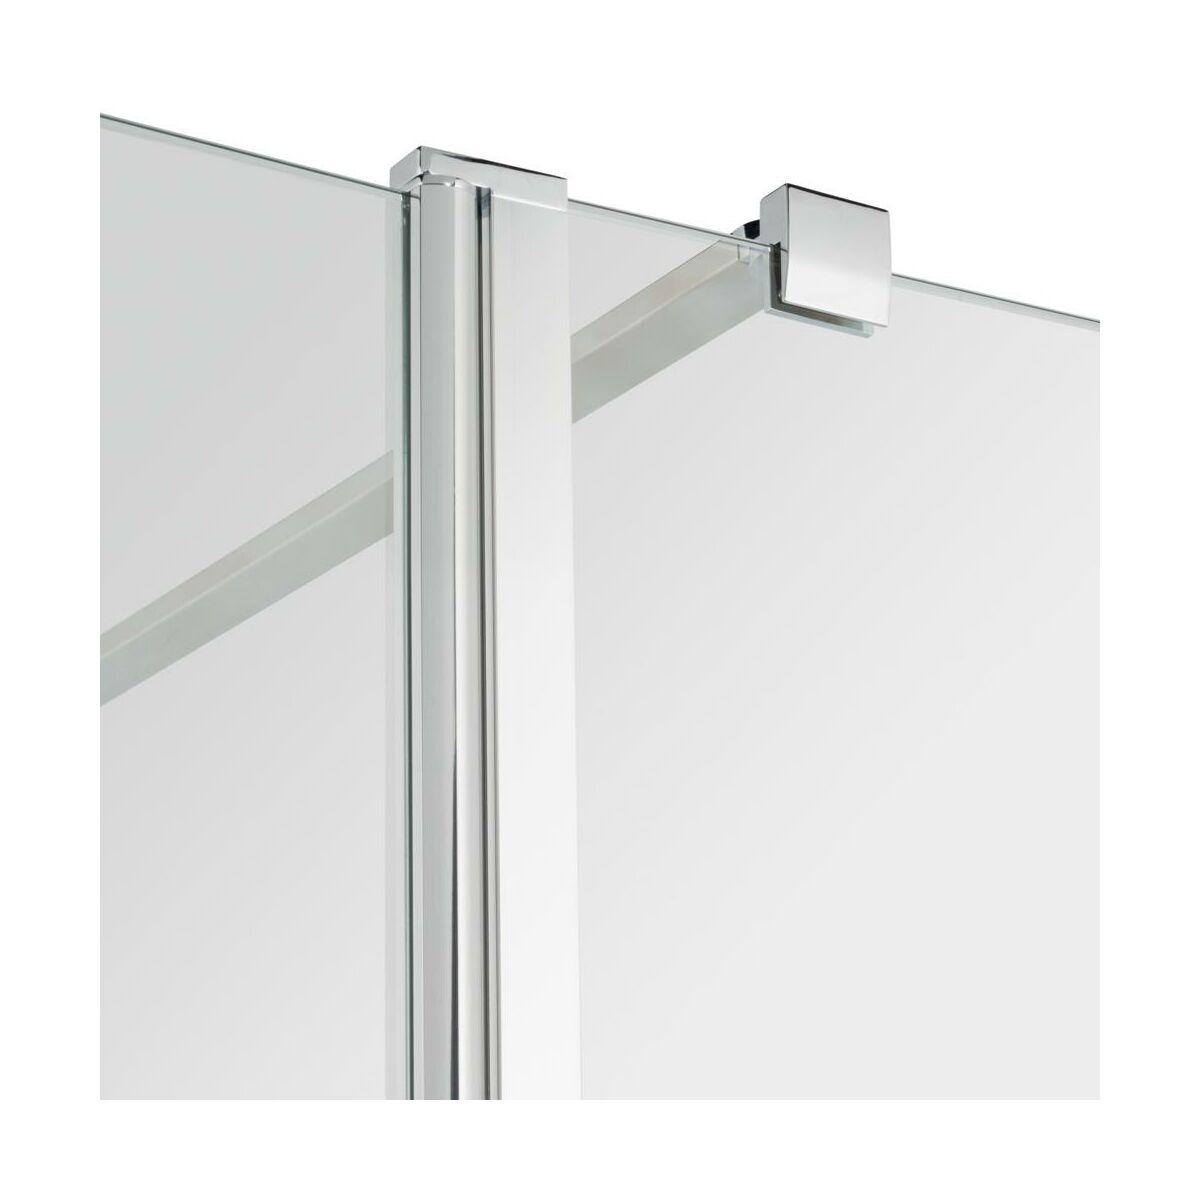 Kabina prysznicowa cube sensea kabiny prysznicowe w for Cube leroy merlin